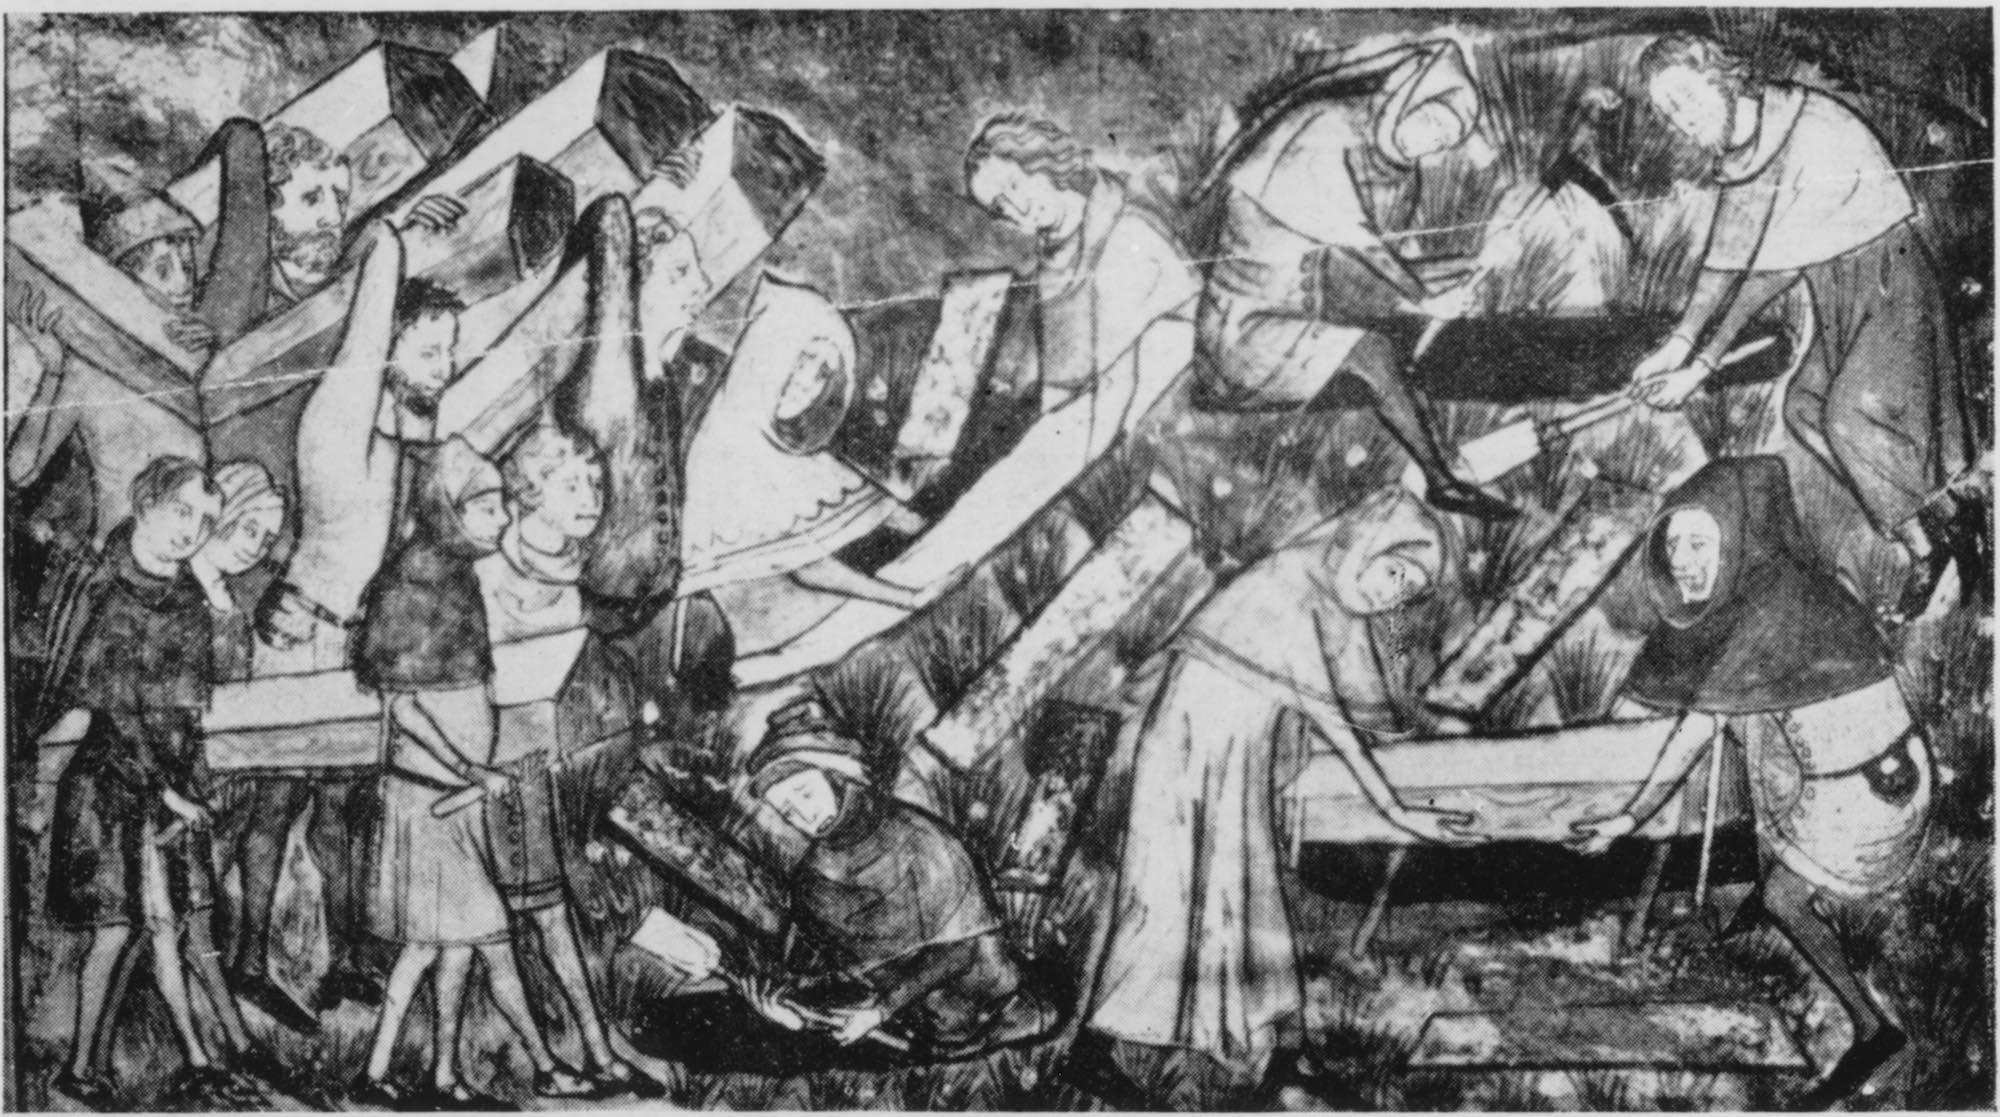 Gente cargando tumbas durante Peste Negra Europa, Pintura